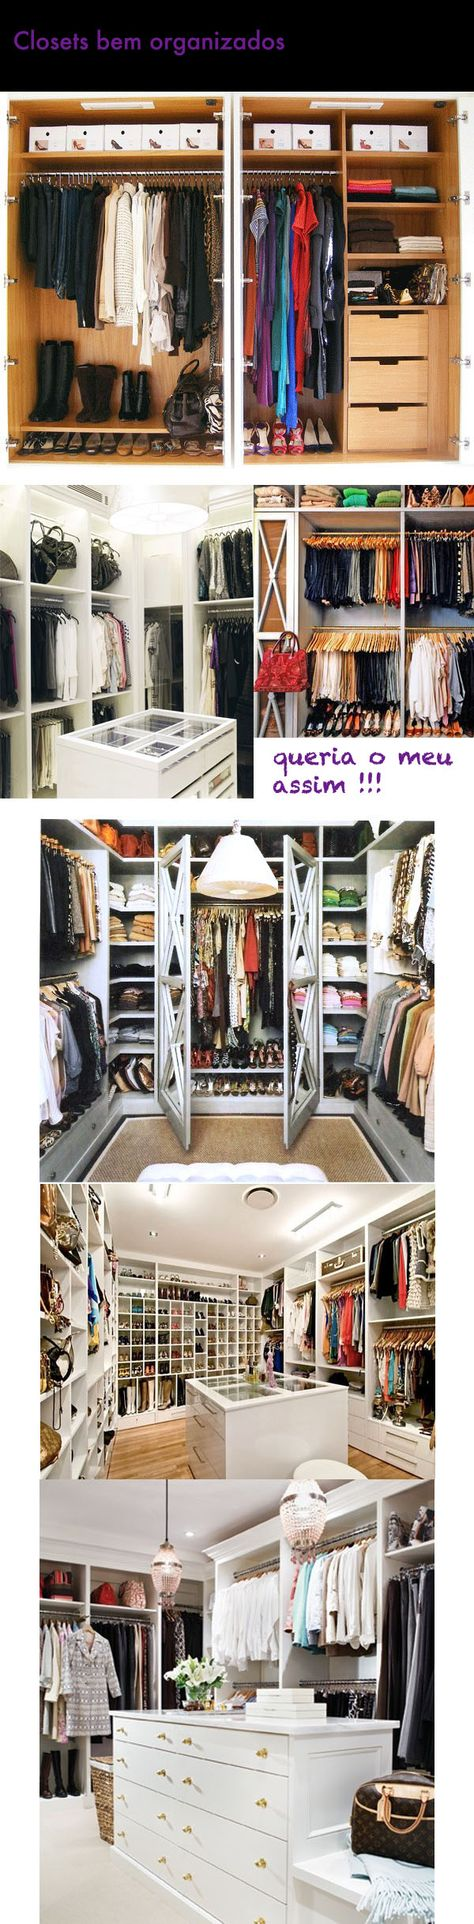 Arrumação de armários